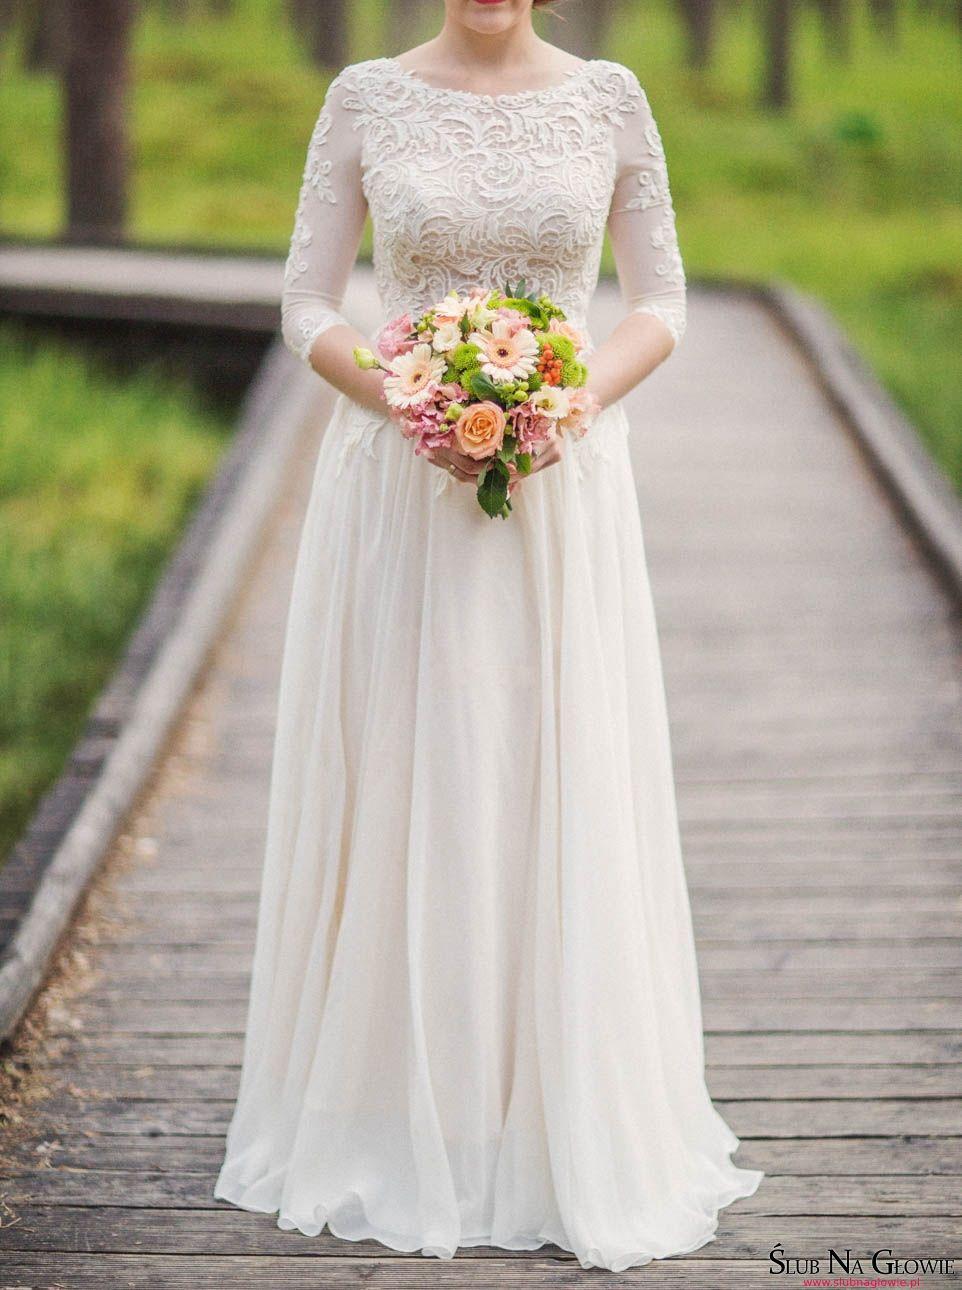 Zwiewna suknia ślubna Wedding ideas Wedding gowns